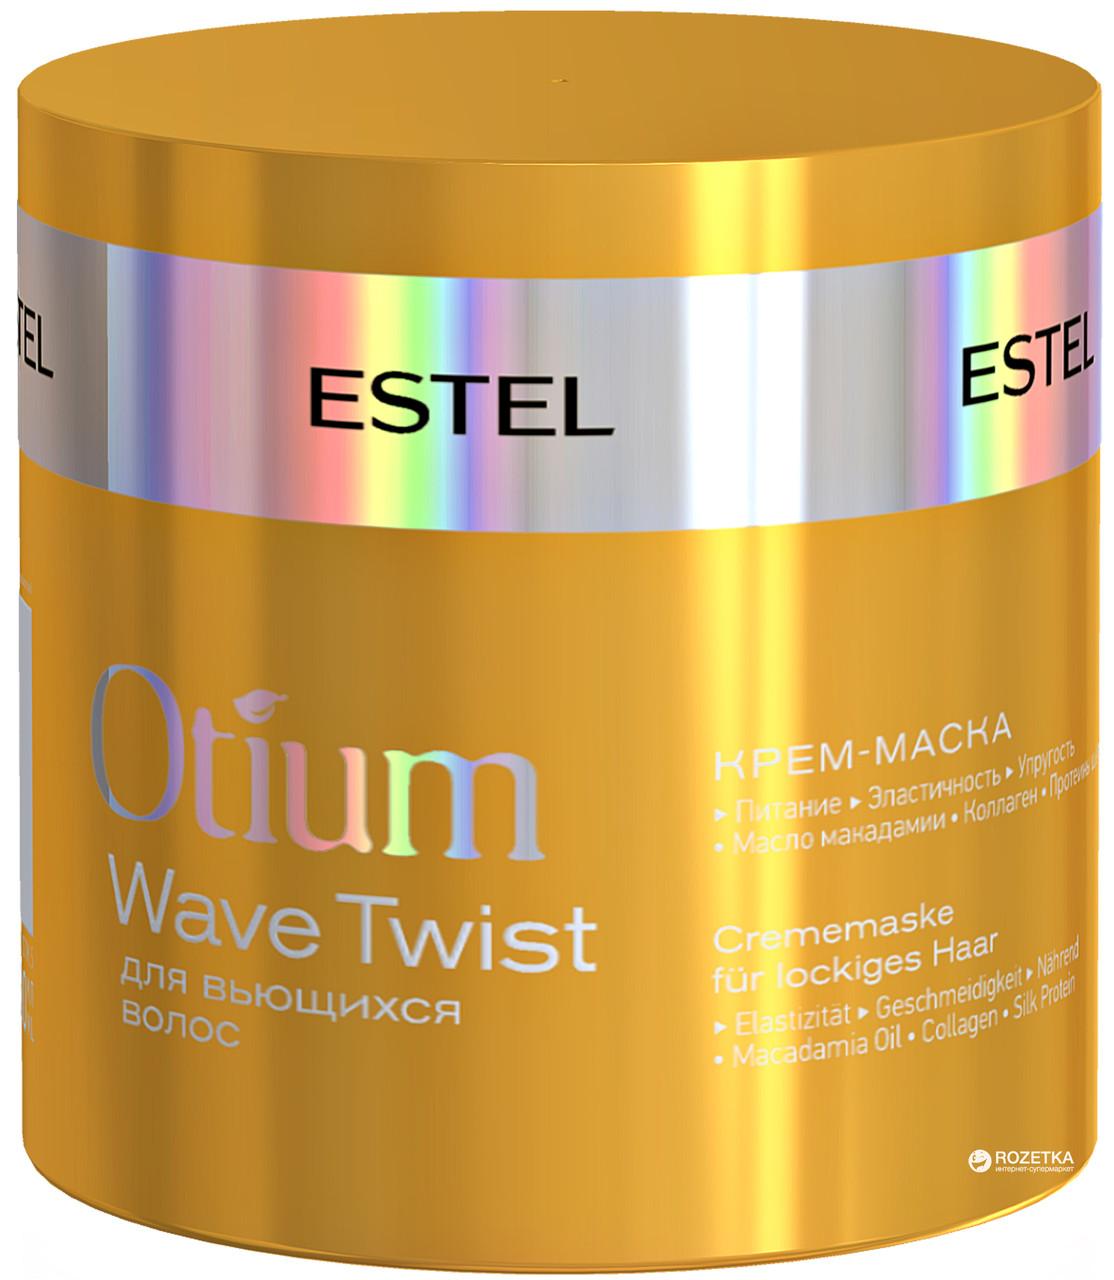 OTIUM WAVE TWIST - крем-маска для кудрявых волос